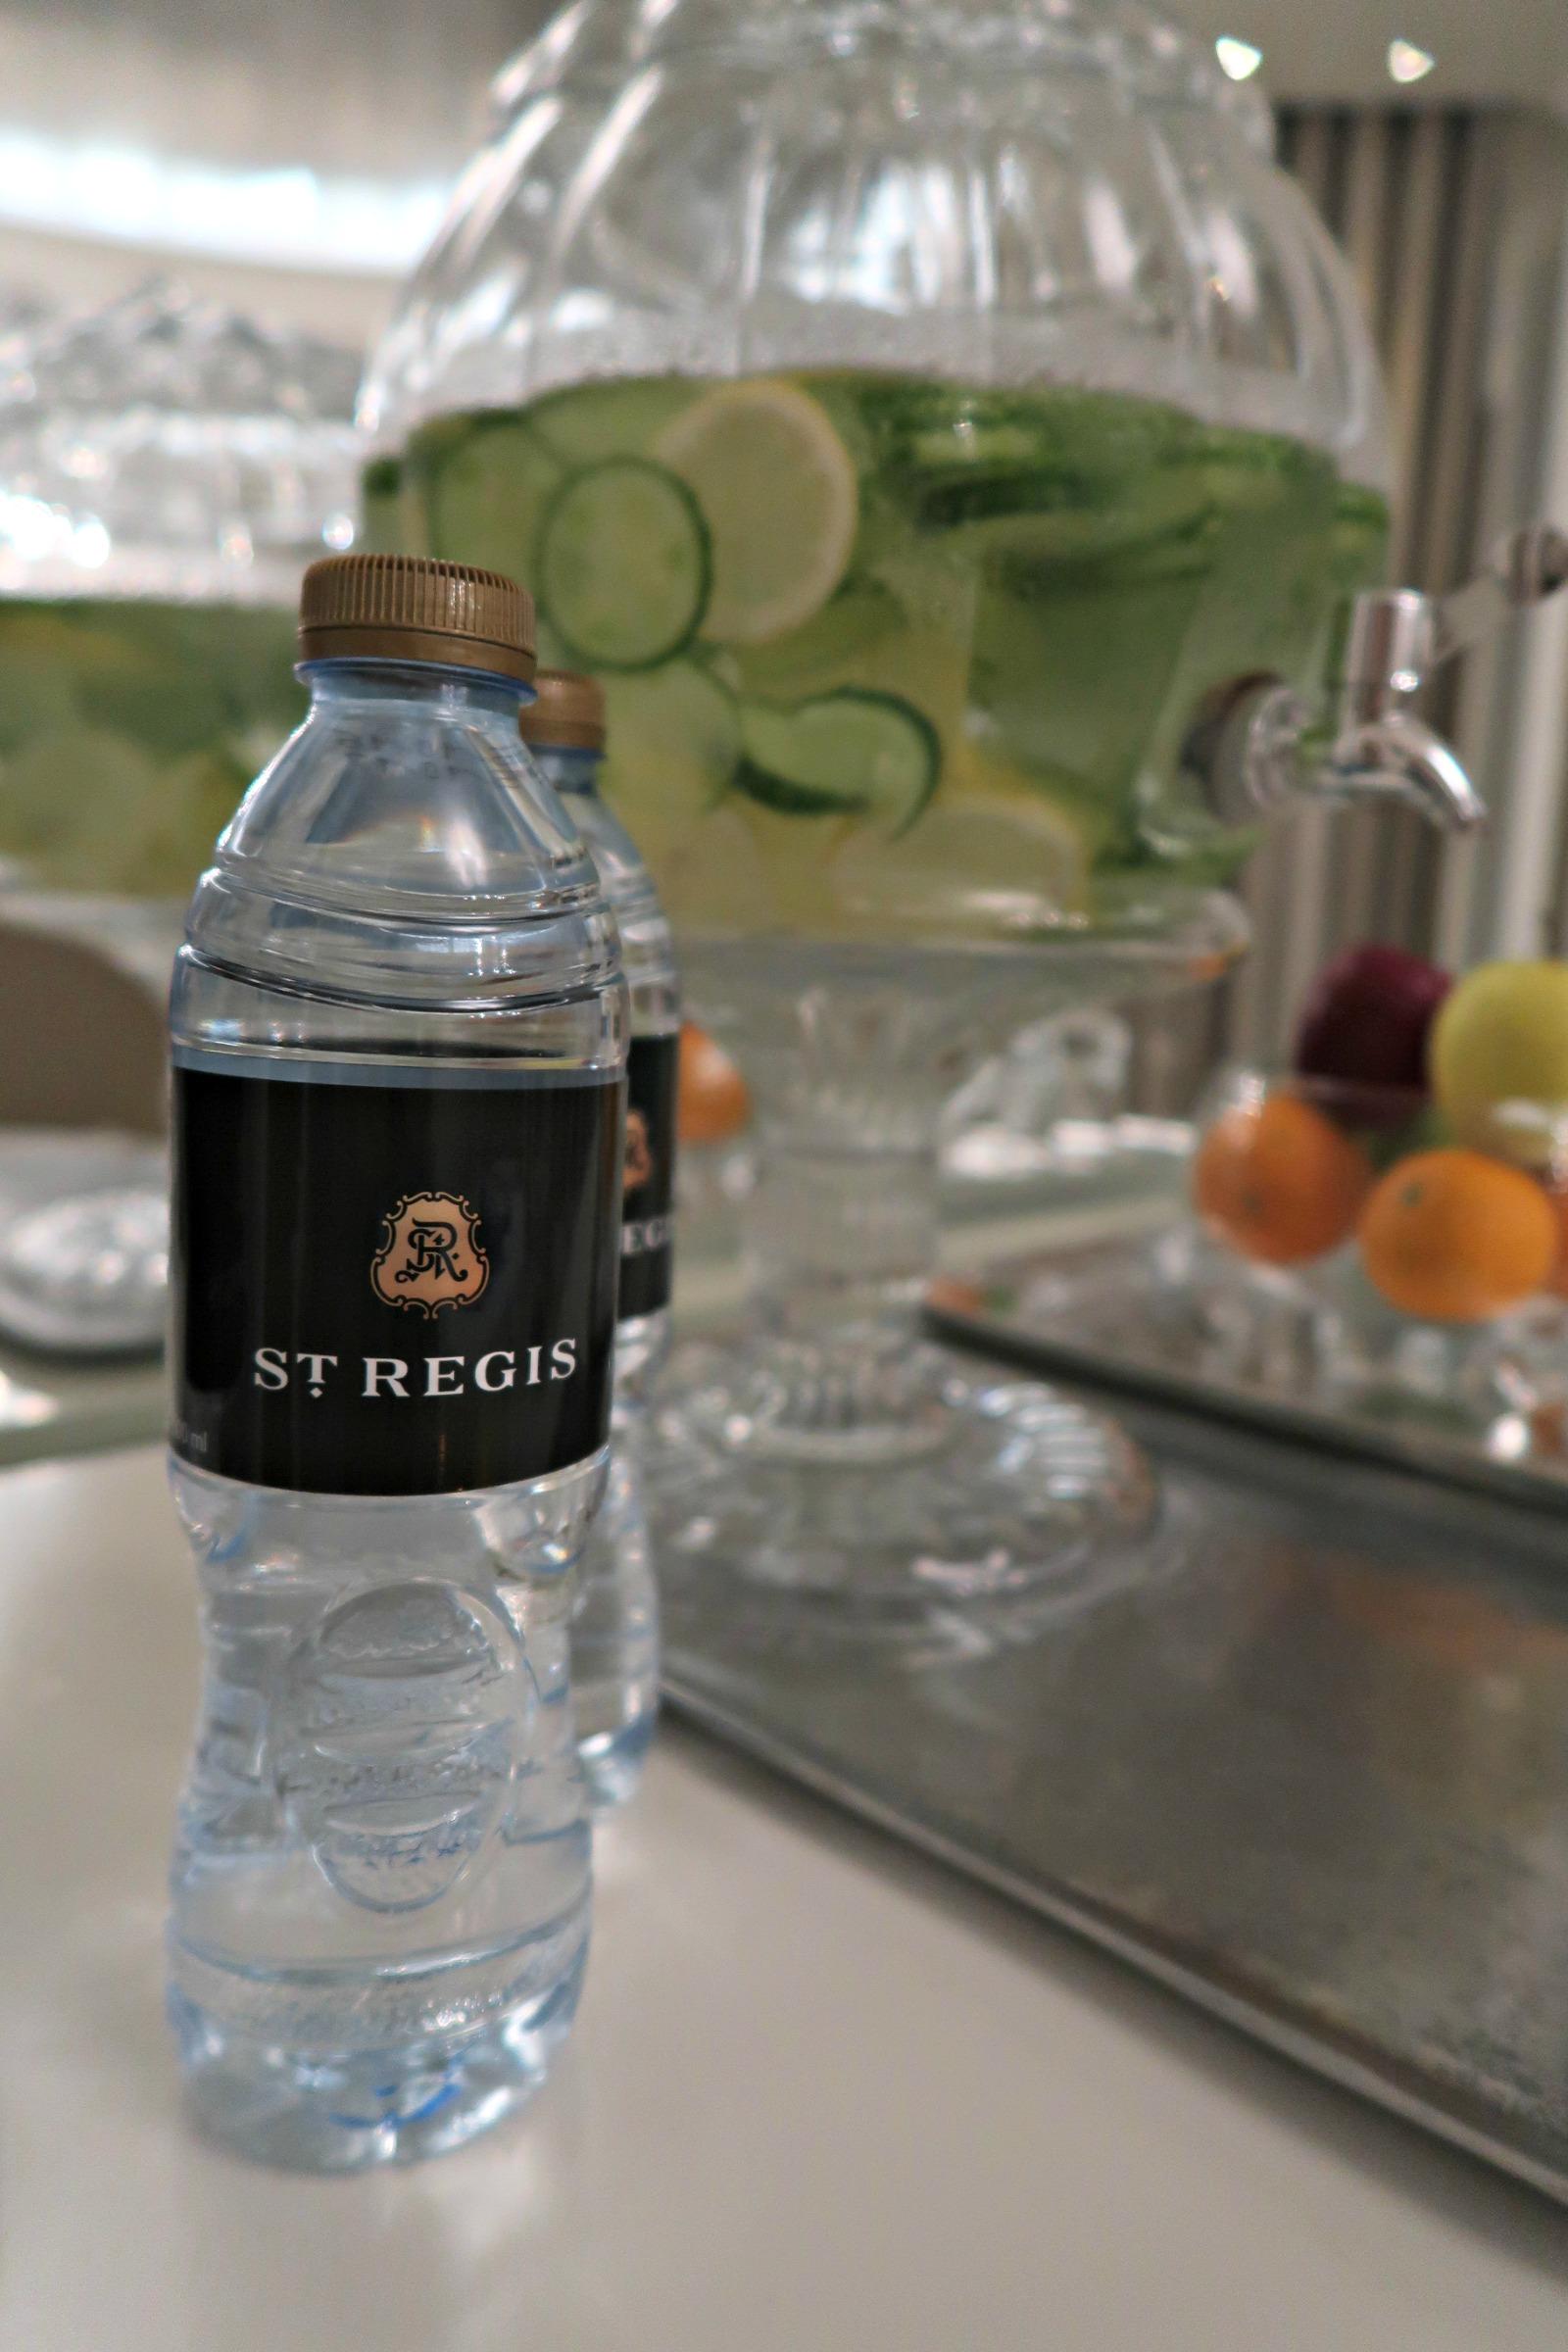 St. Regis Iridium Spa, Dubai.